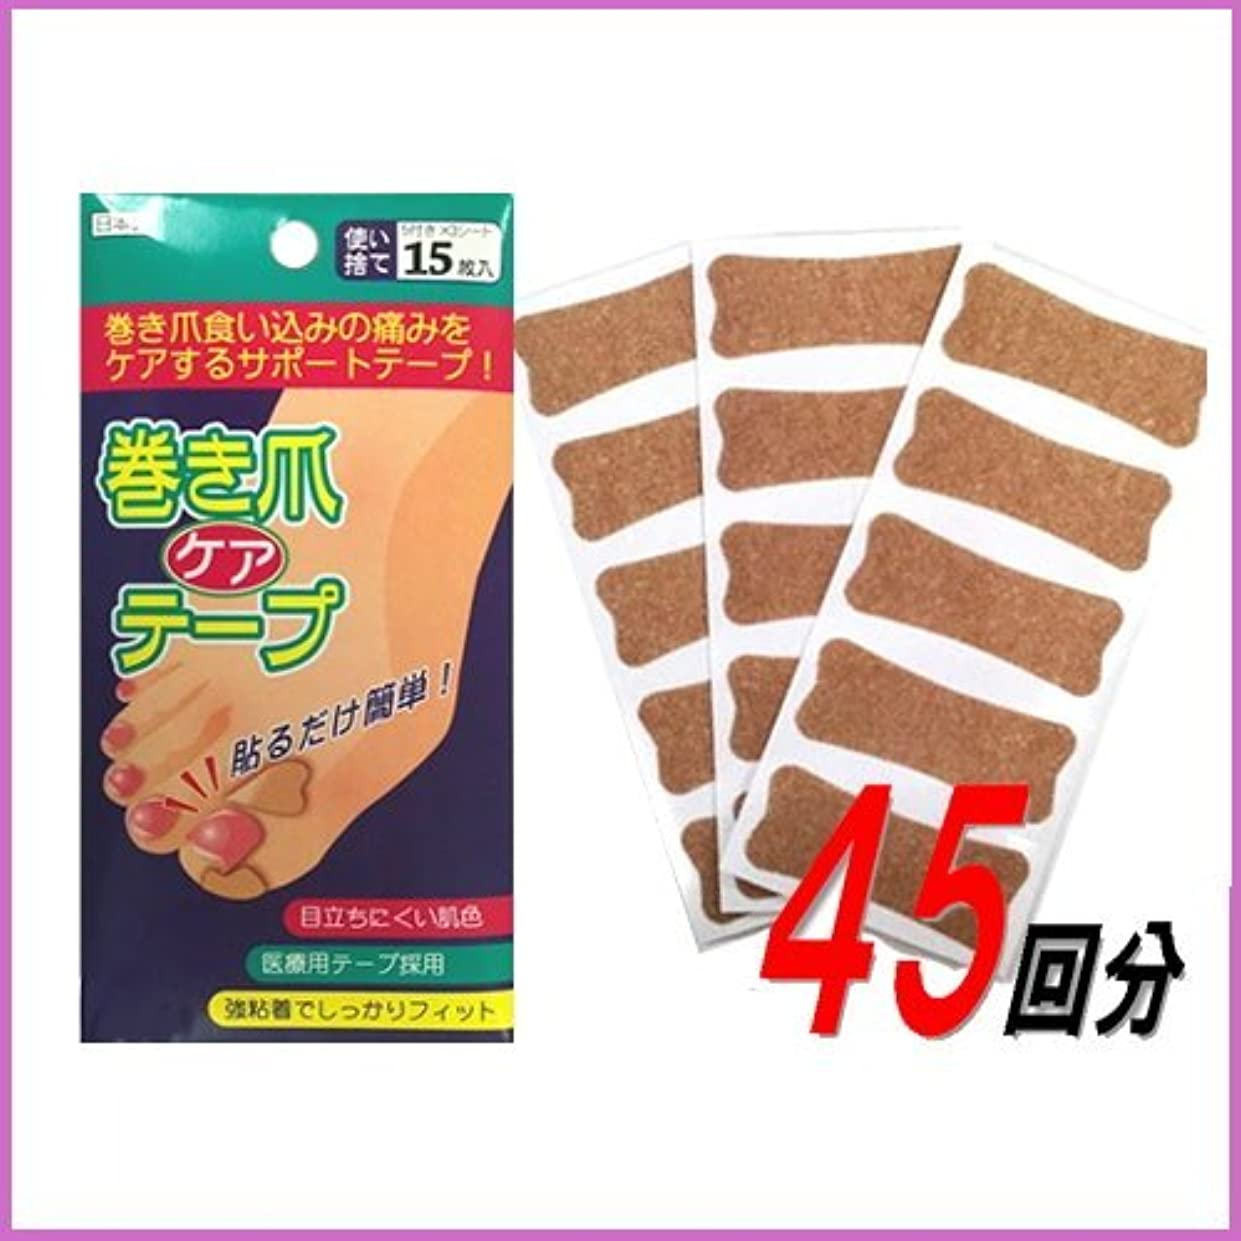 それによってガウン切る巻き爪 テープ 3個セット ブロック ケア テーピング 日本製